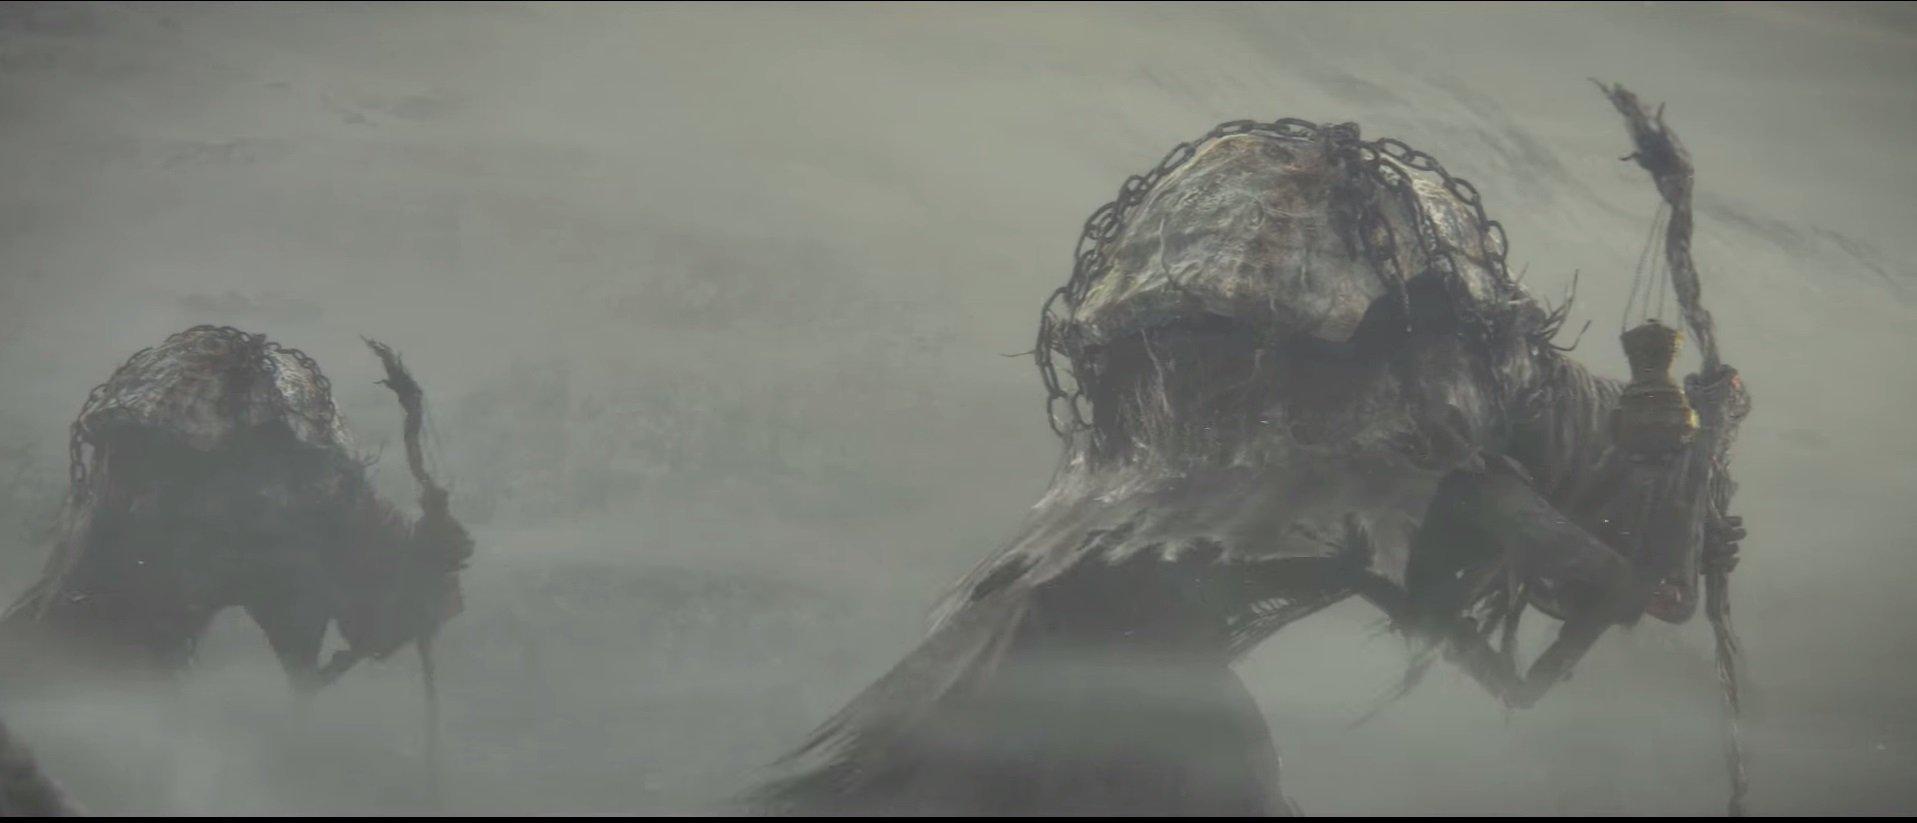 Не украденное рассмотрение трейлера Dark Souls 3. - Изображение 2